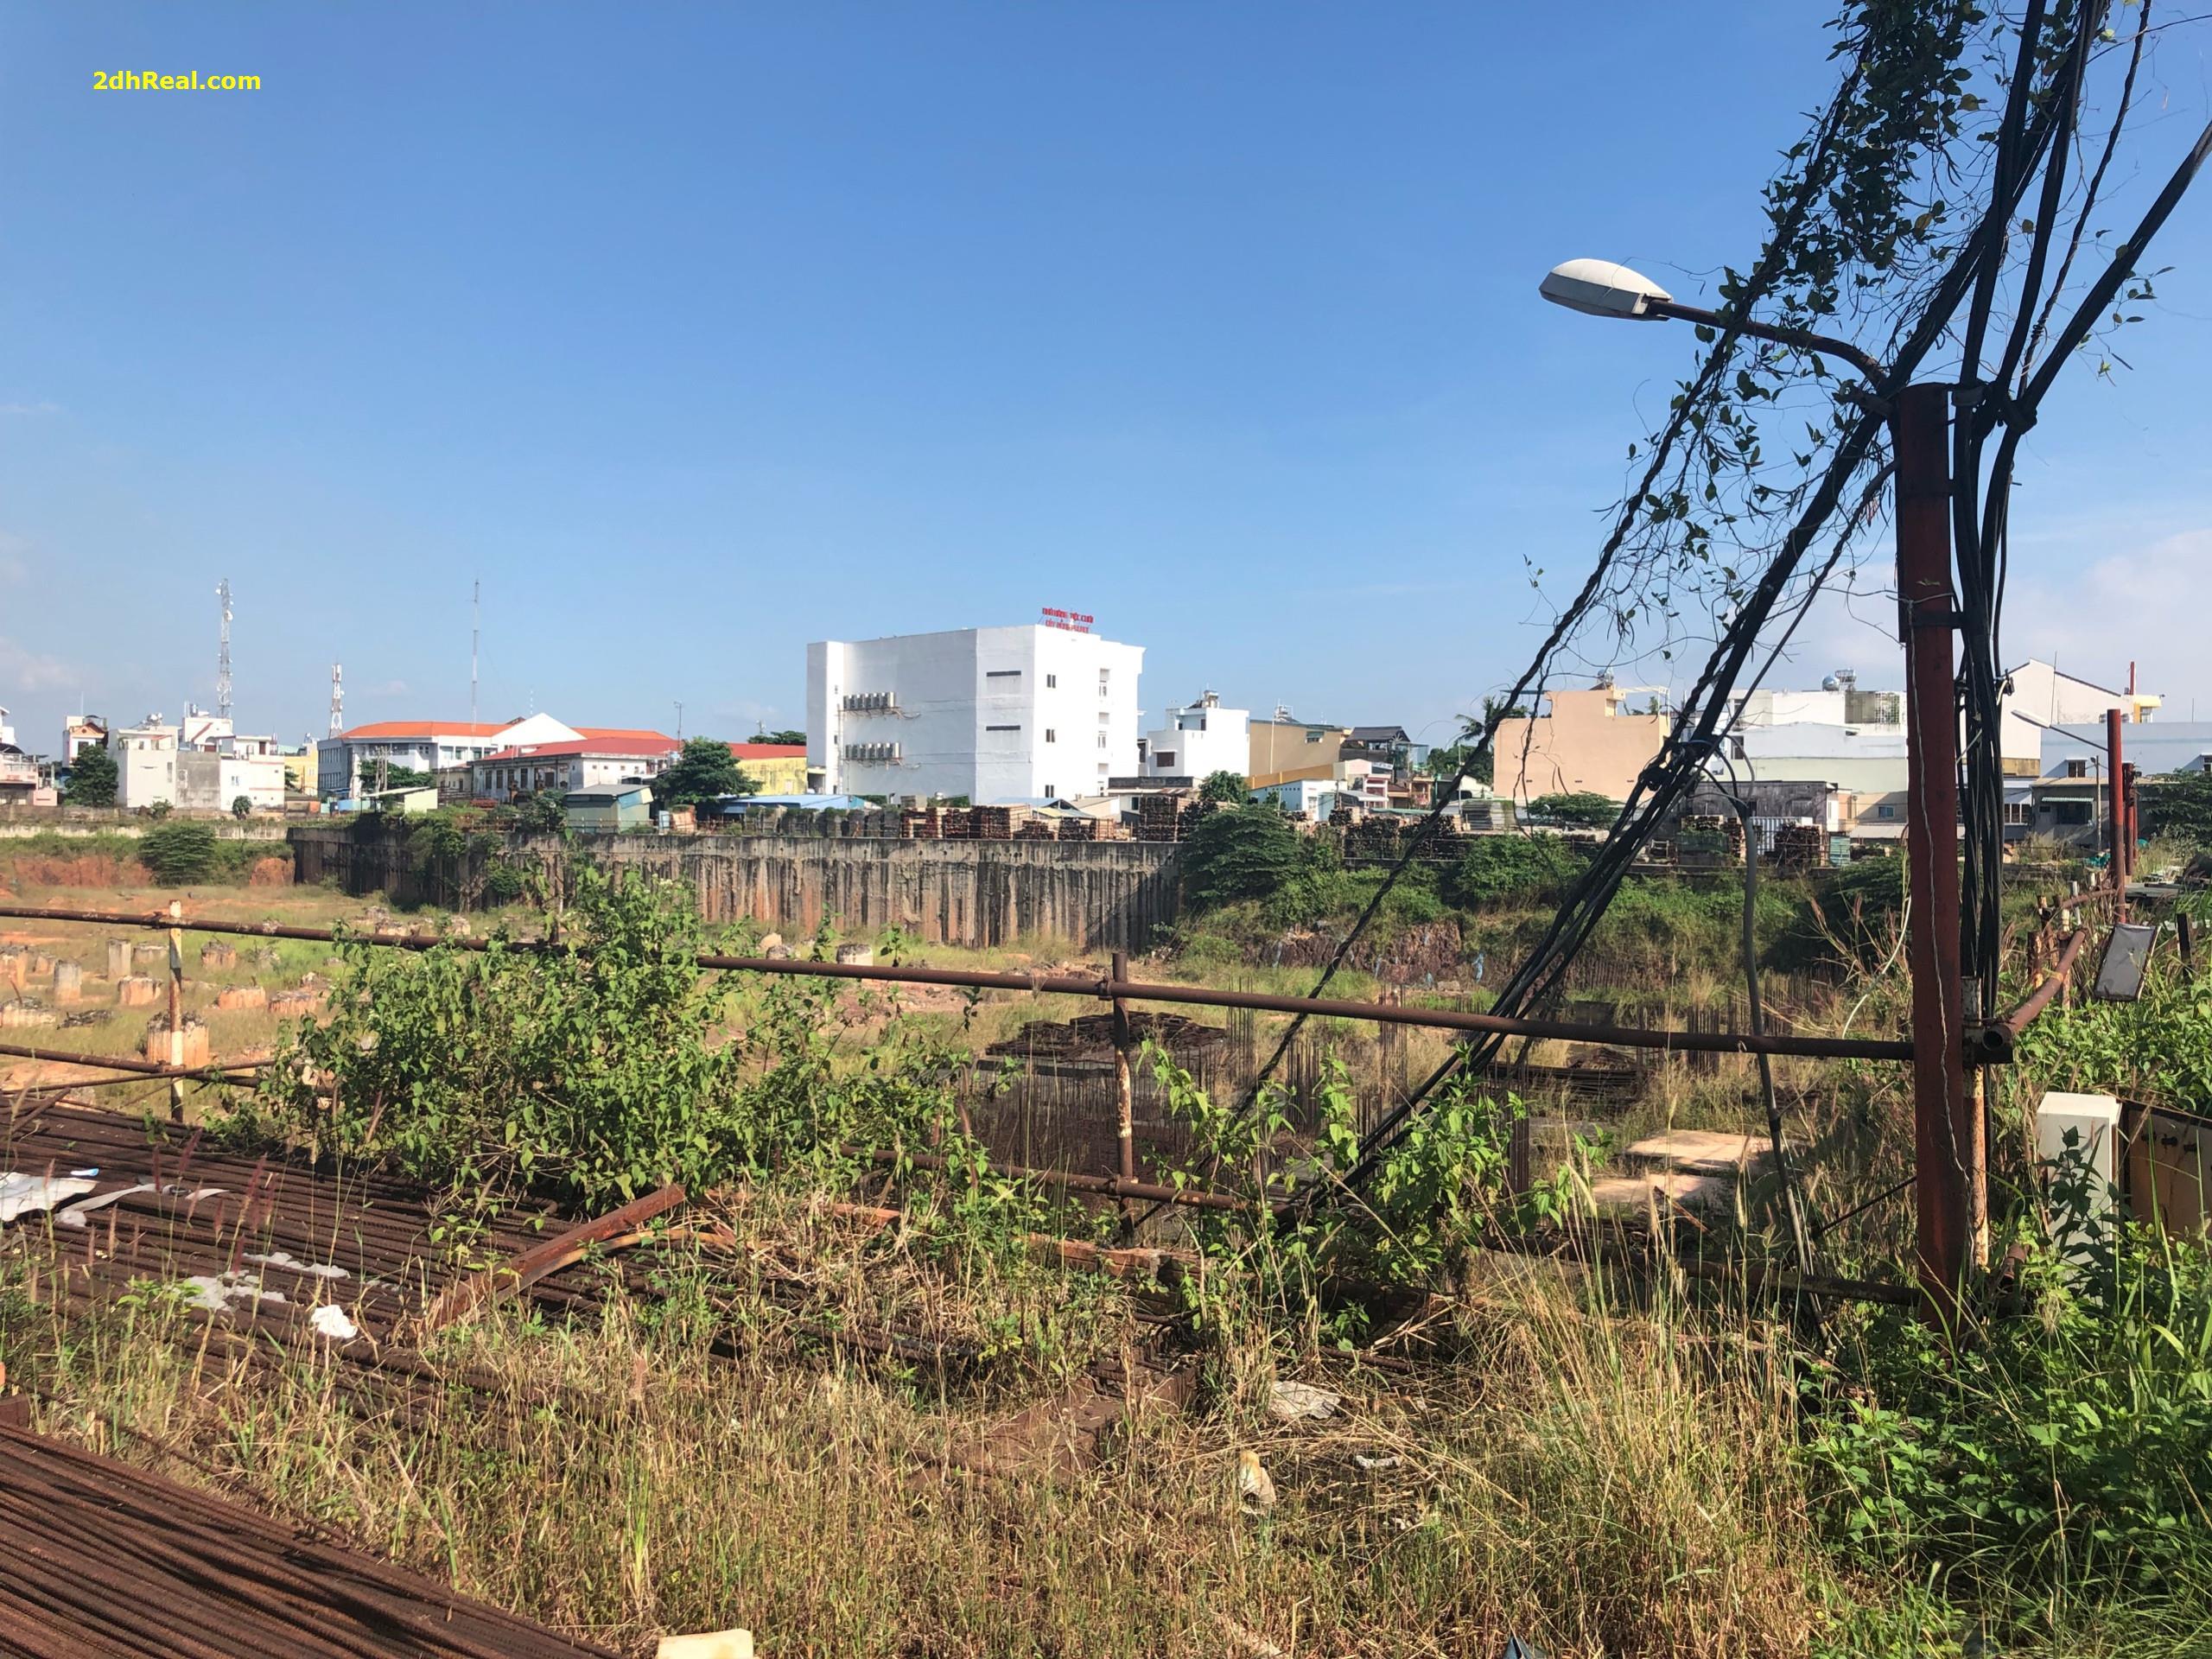 Chuyển nhượng khu đất 157.046,7m2 số 2 Trường Chinh quận Tân Phú giá 8tr/m2